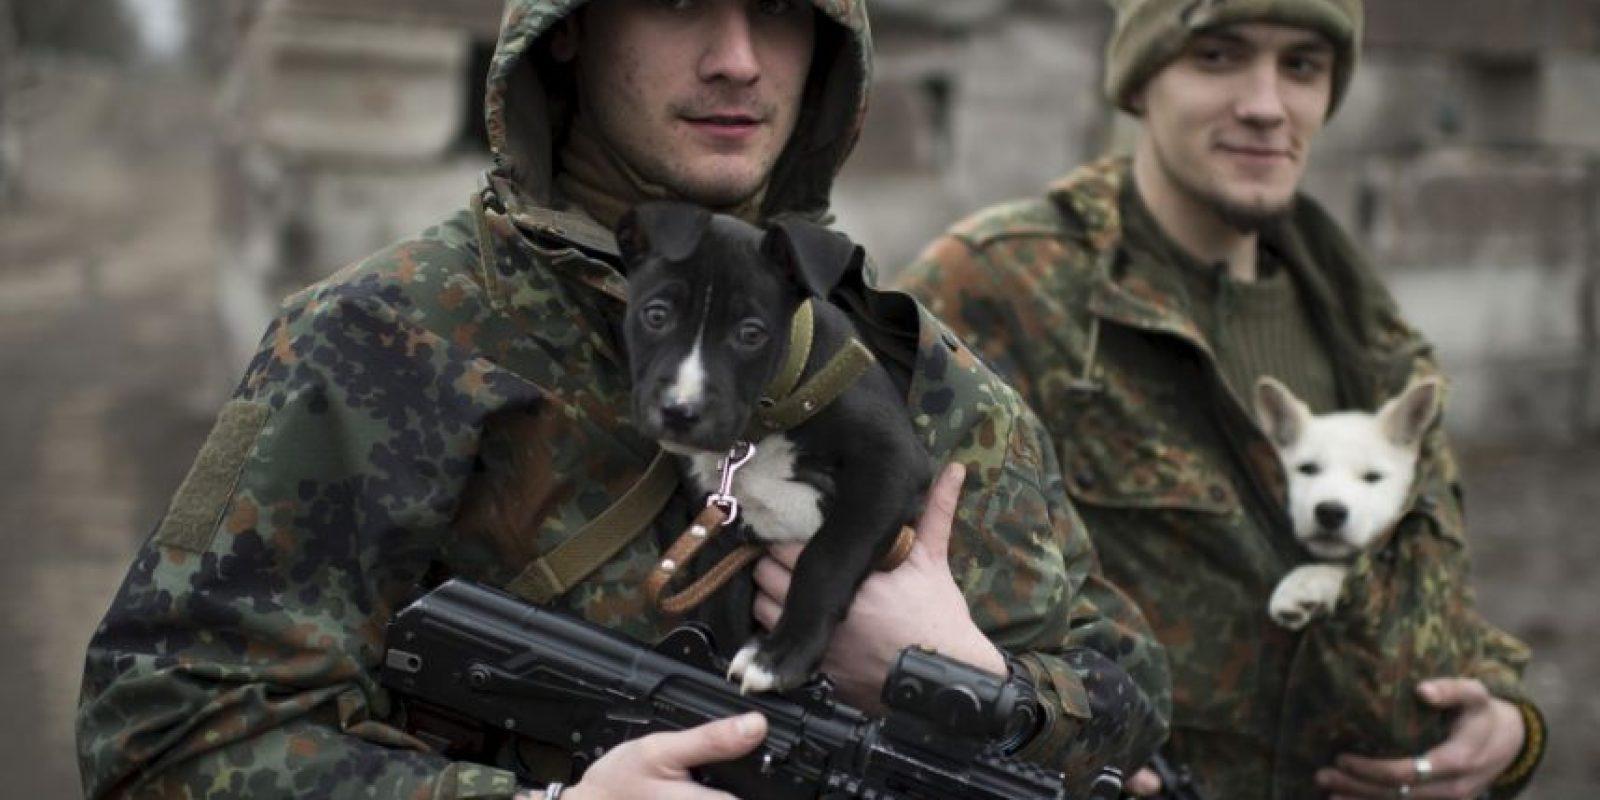 Las protestas prorrusas empezaron luego de la declaración de independencia de Donetsk y Lugansk en abril pasado. Foto:AP